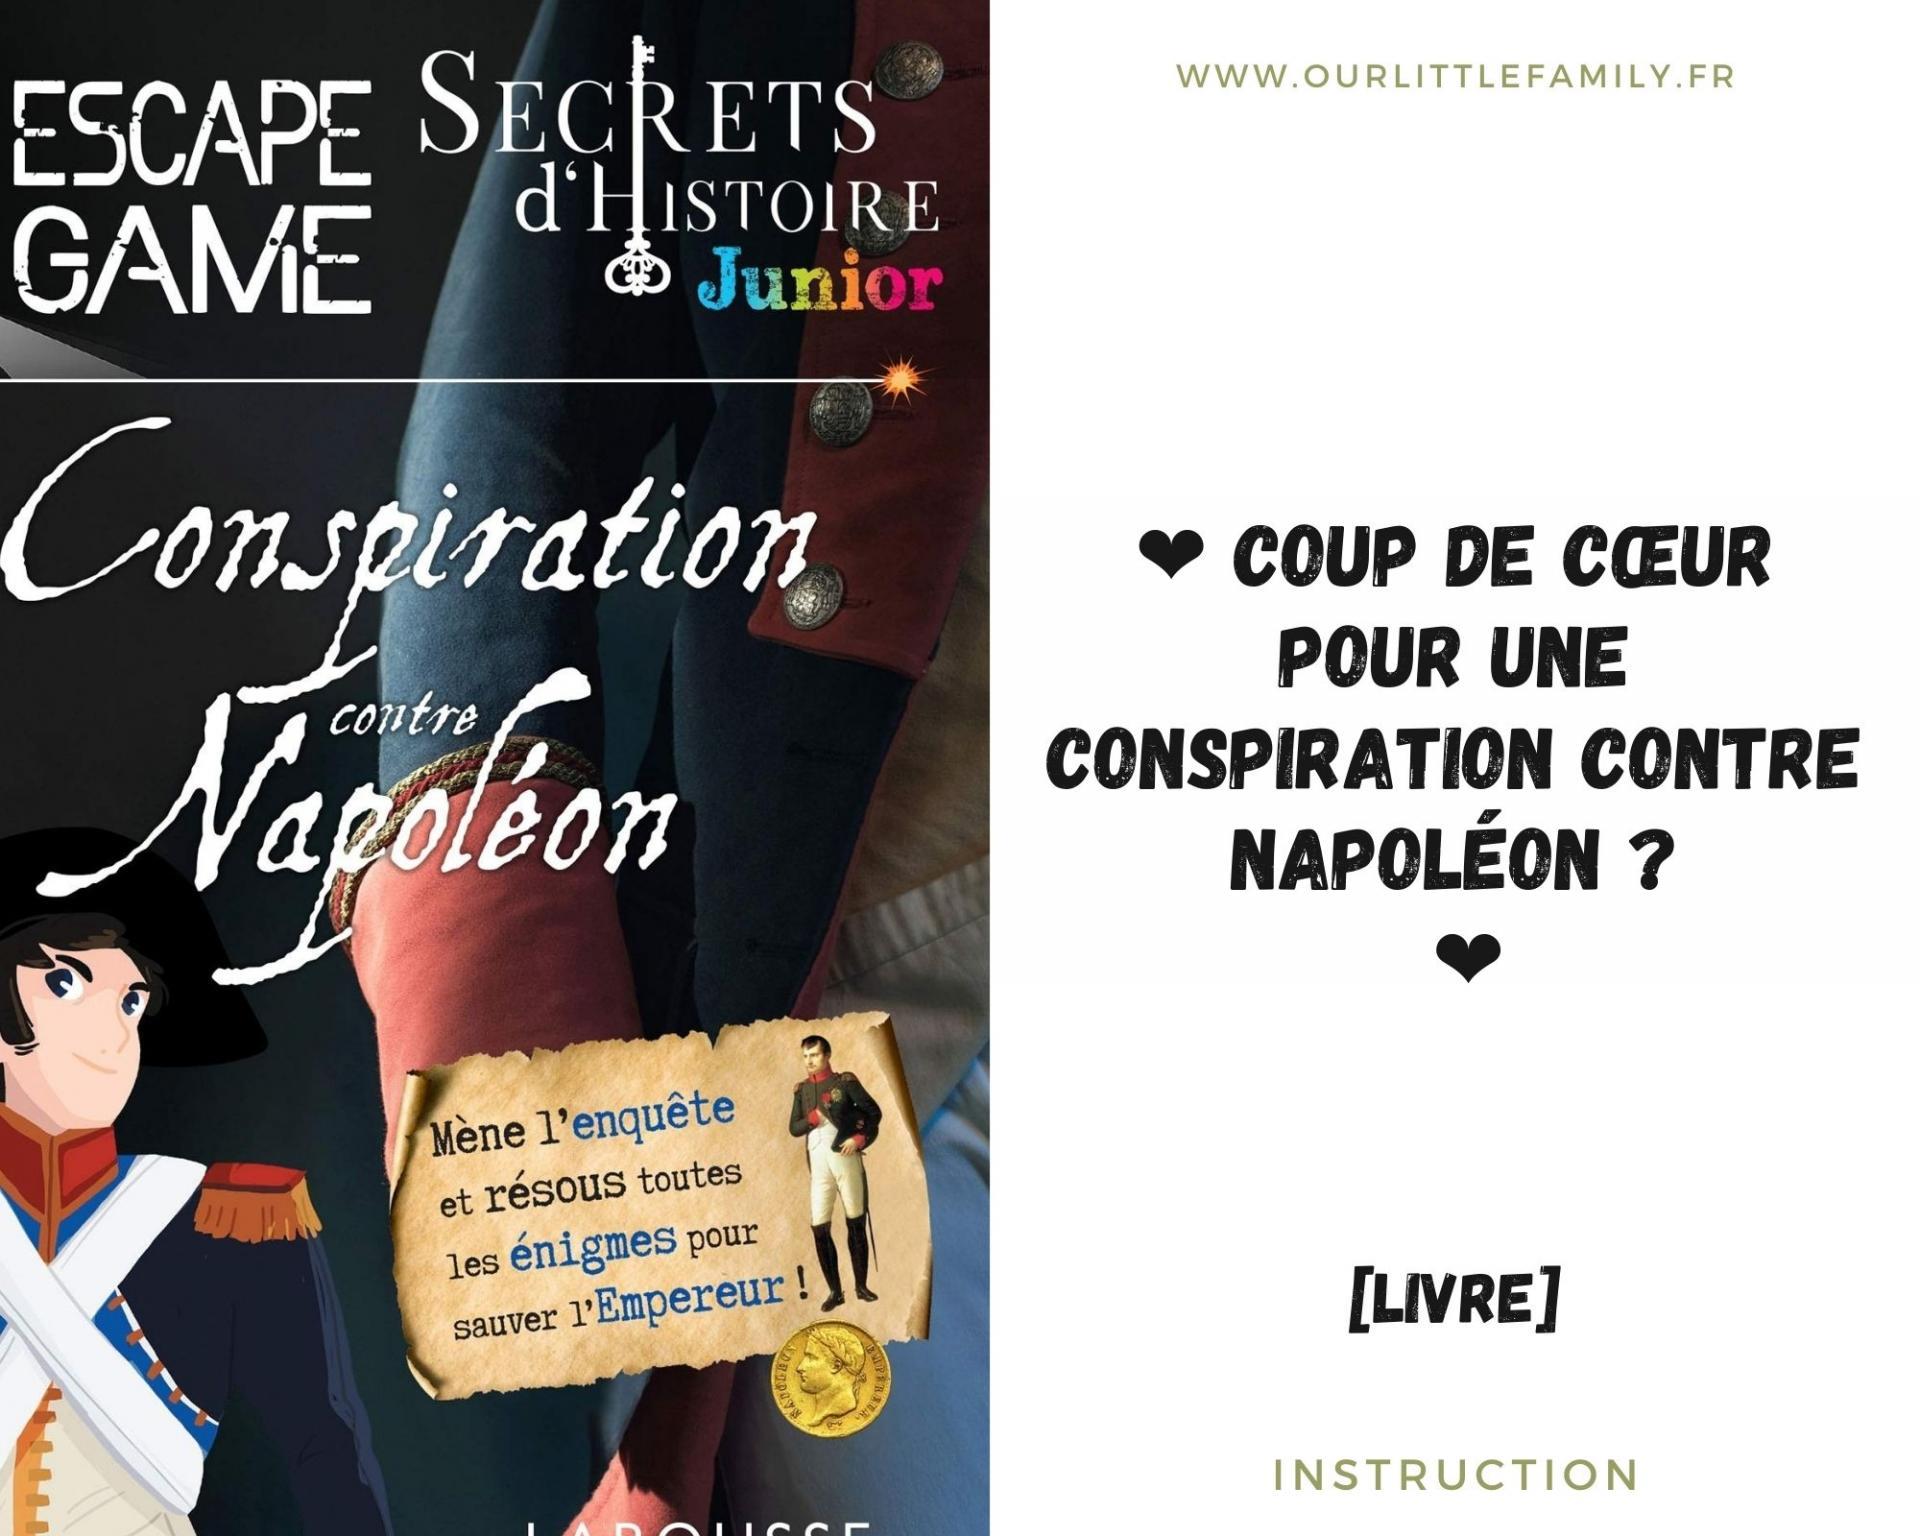 Coup de c ur pour une conspiration contre napoleon